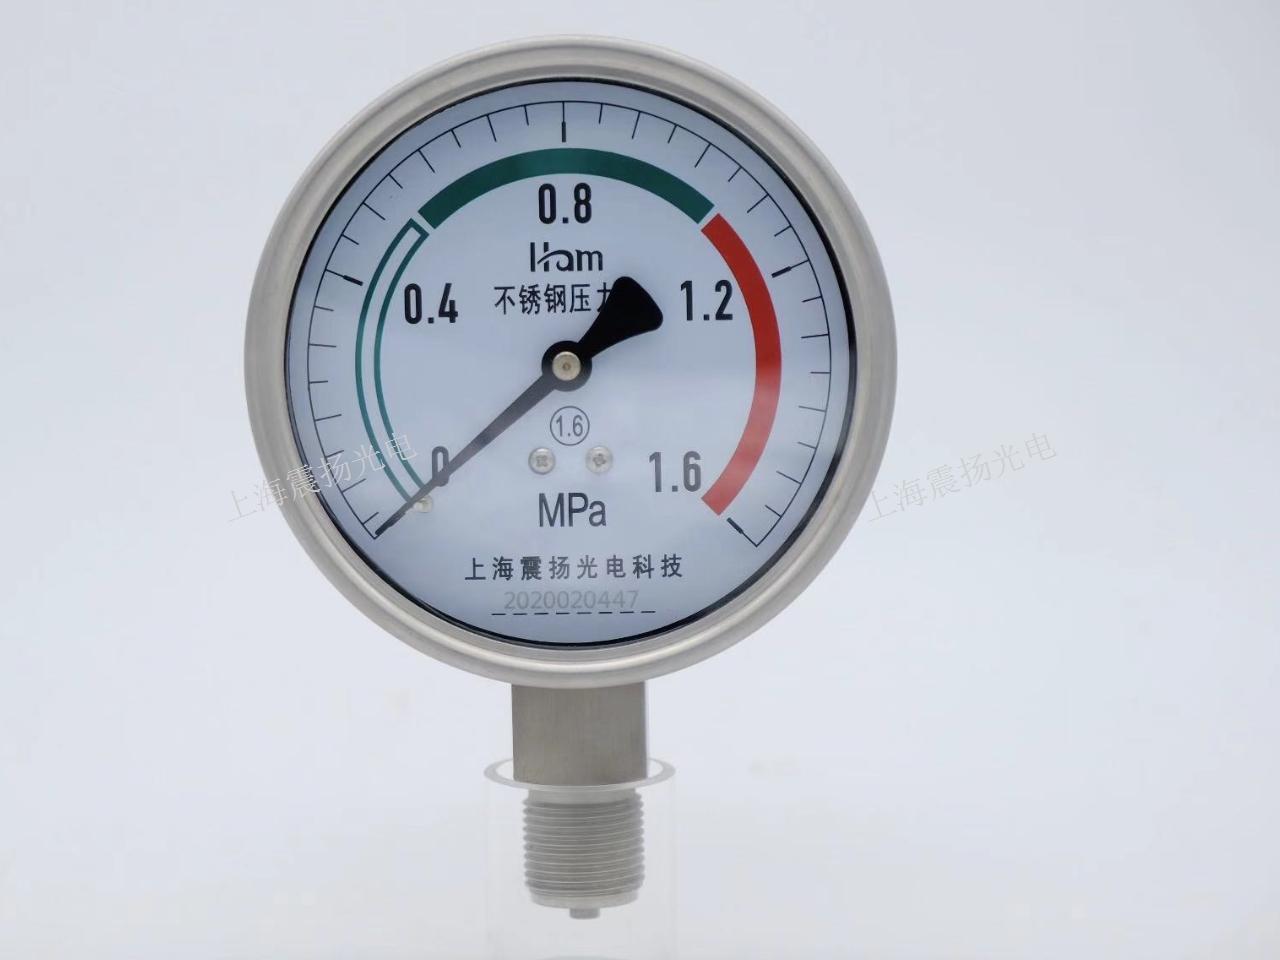 浙江溫度壓力表服務 服務至上「漢木儀表科技供應」